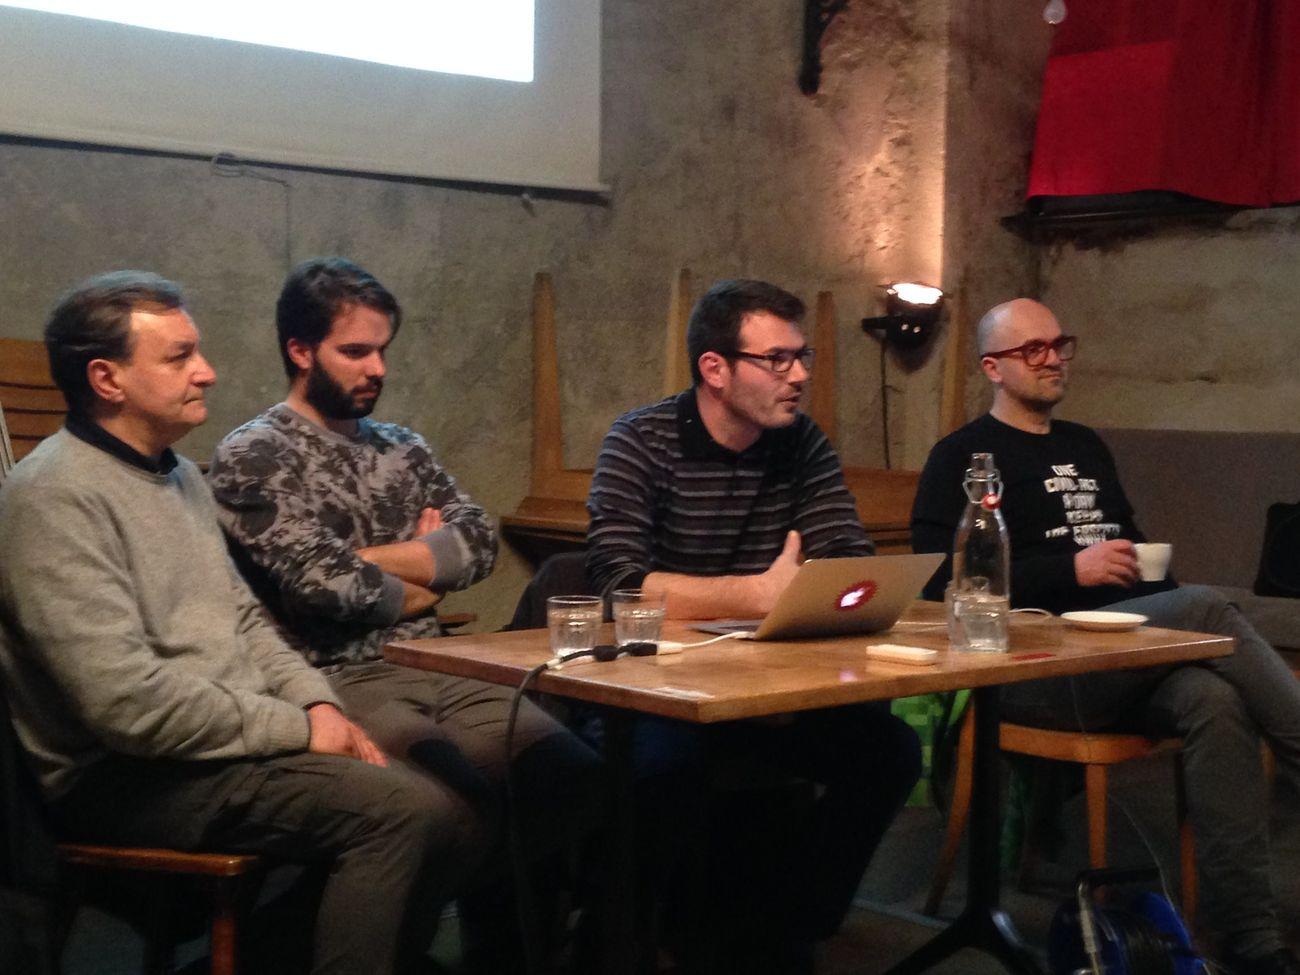 Presenting Daduclub.online at Cabaret Voltaire, Zurich